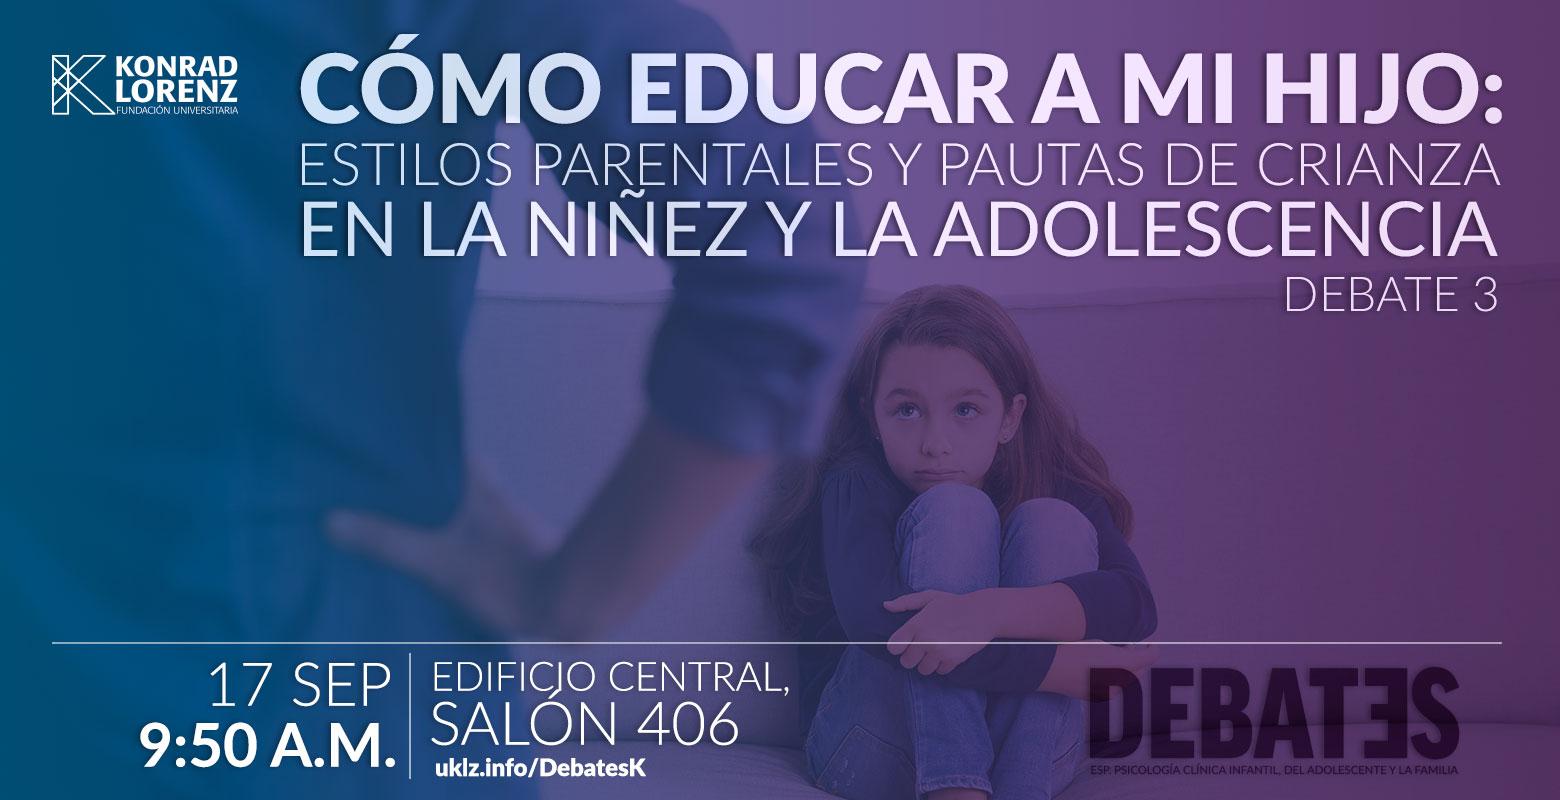 Debate: Cómo educar a mi hijo. Estilos parentales y pautas de crianza en la niñez y la adolescencia